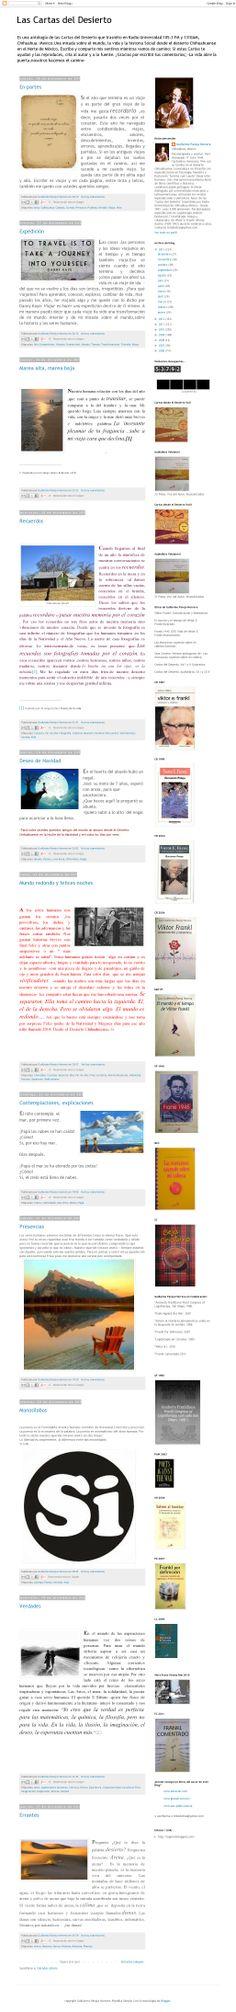 The website 'lascartasdeldesierto.blogspot.com' courtesy of @Pinstamatic (http://pinstamatic.com)